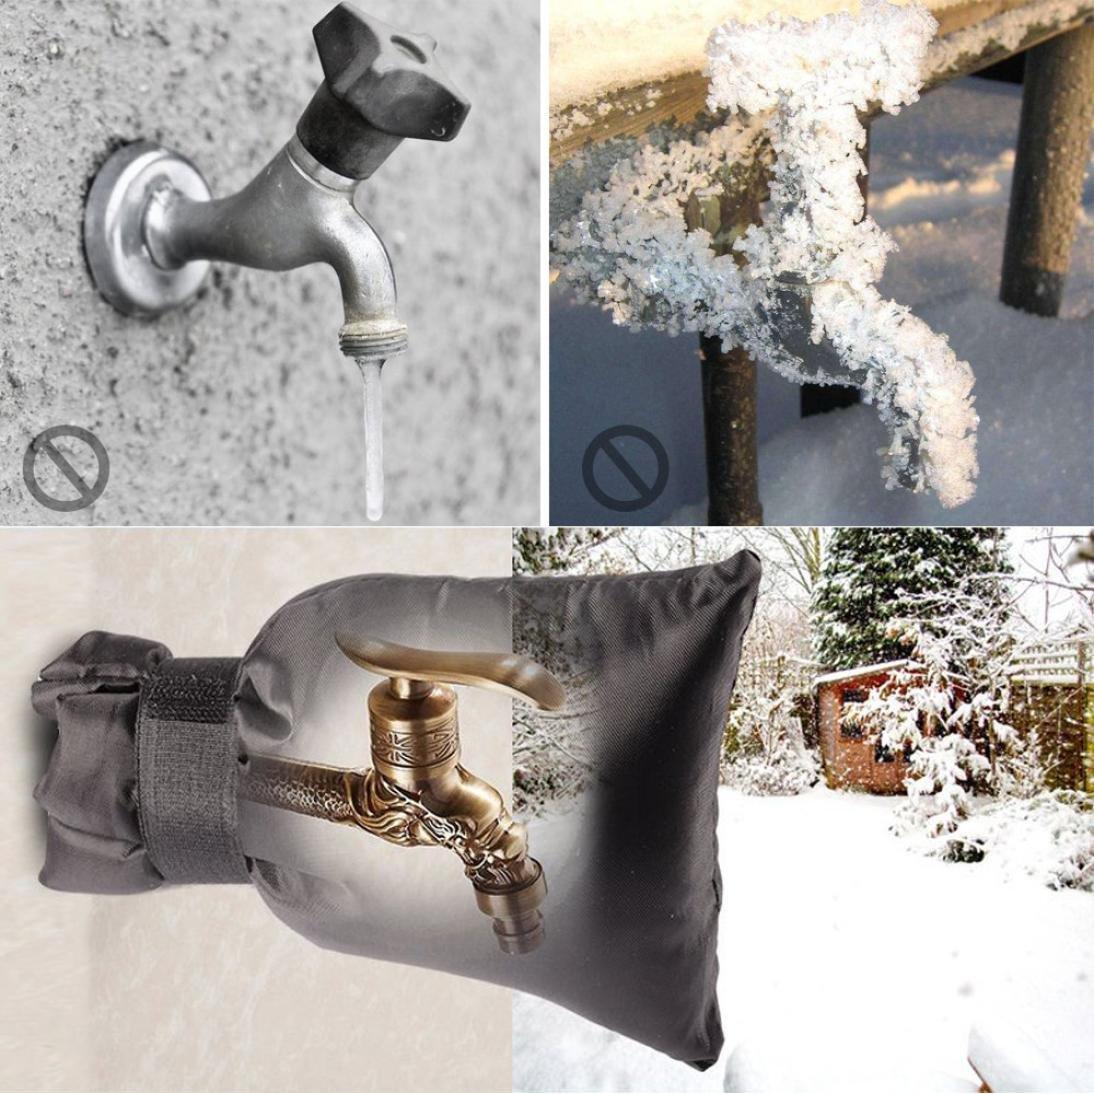 oldeagle Outdoor Faucet, Faucet Cover Faucet Freeze Protection Faucet Socks